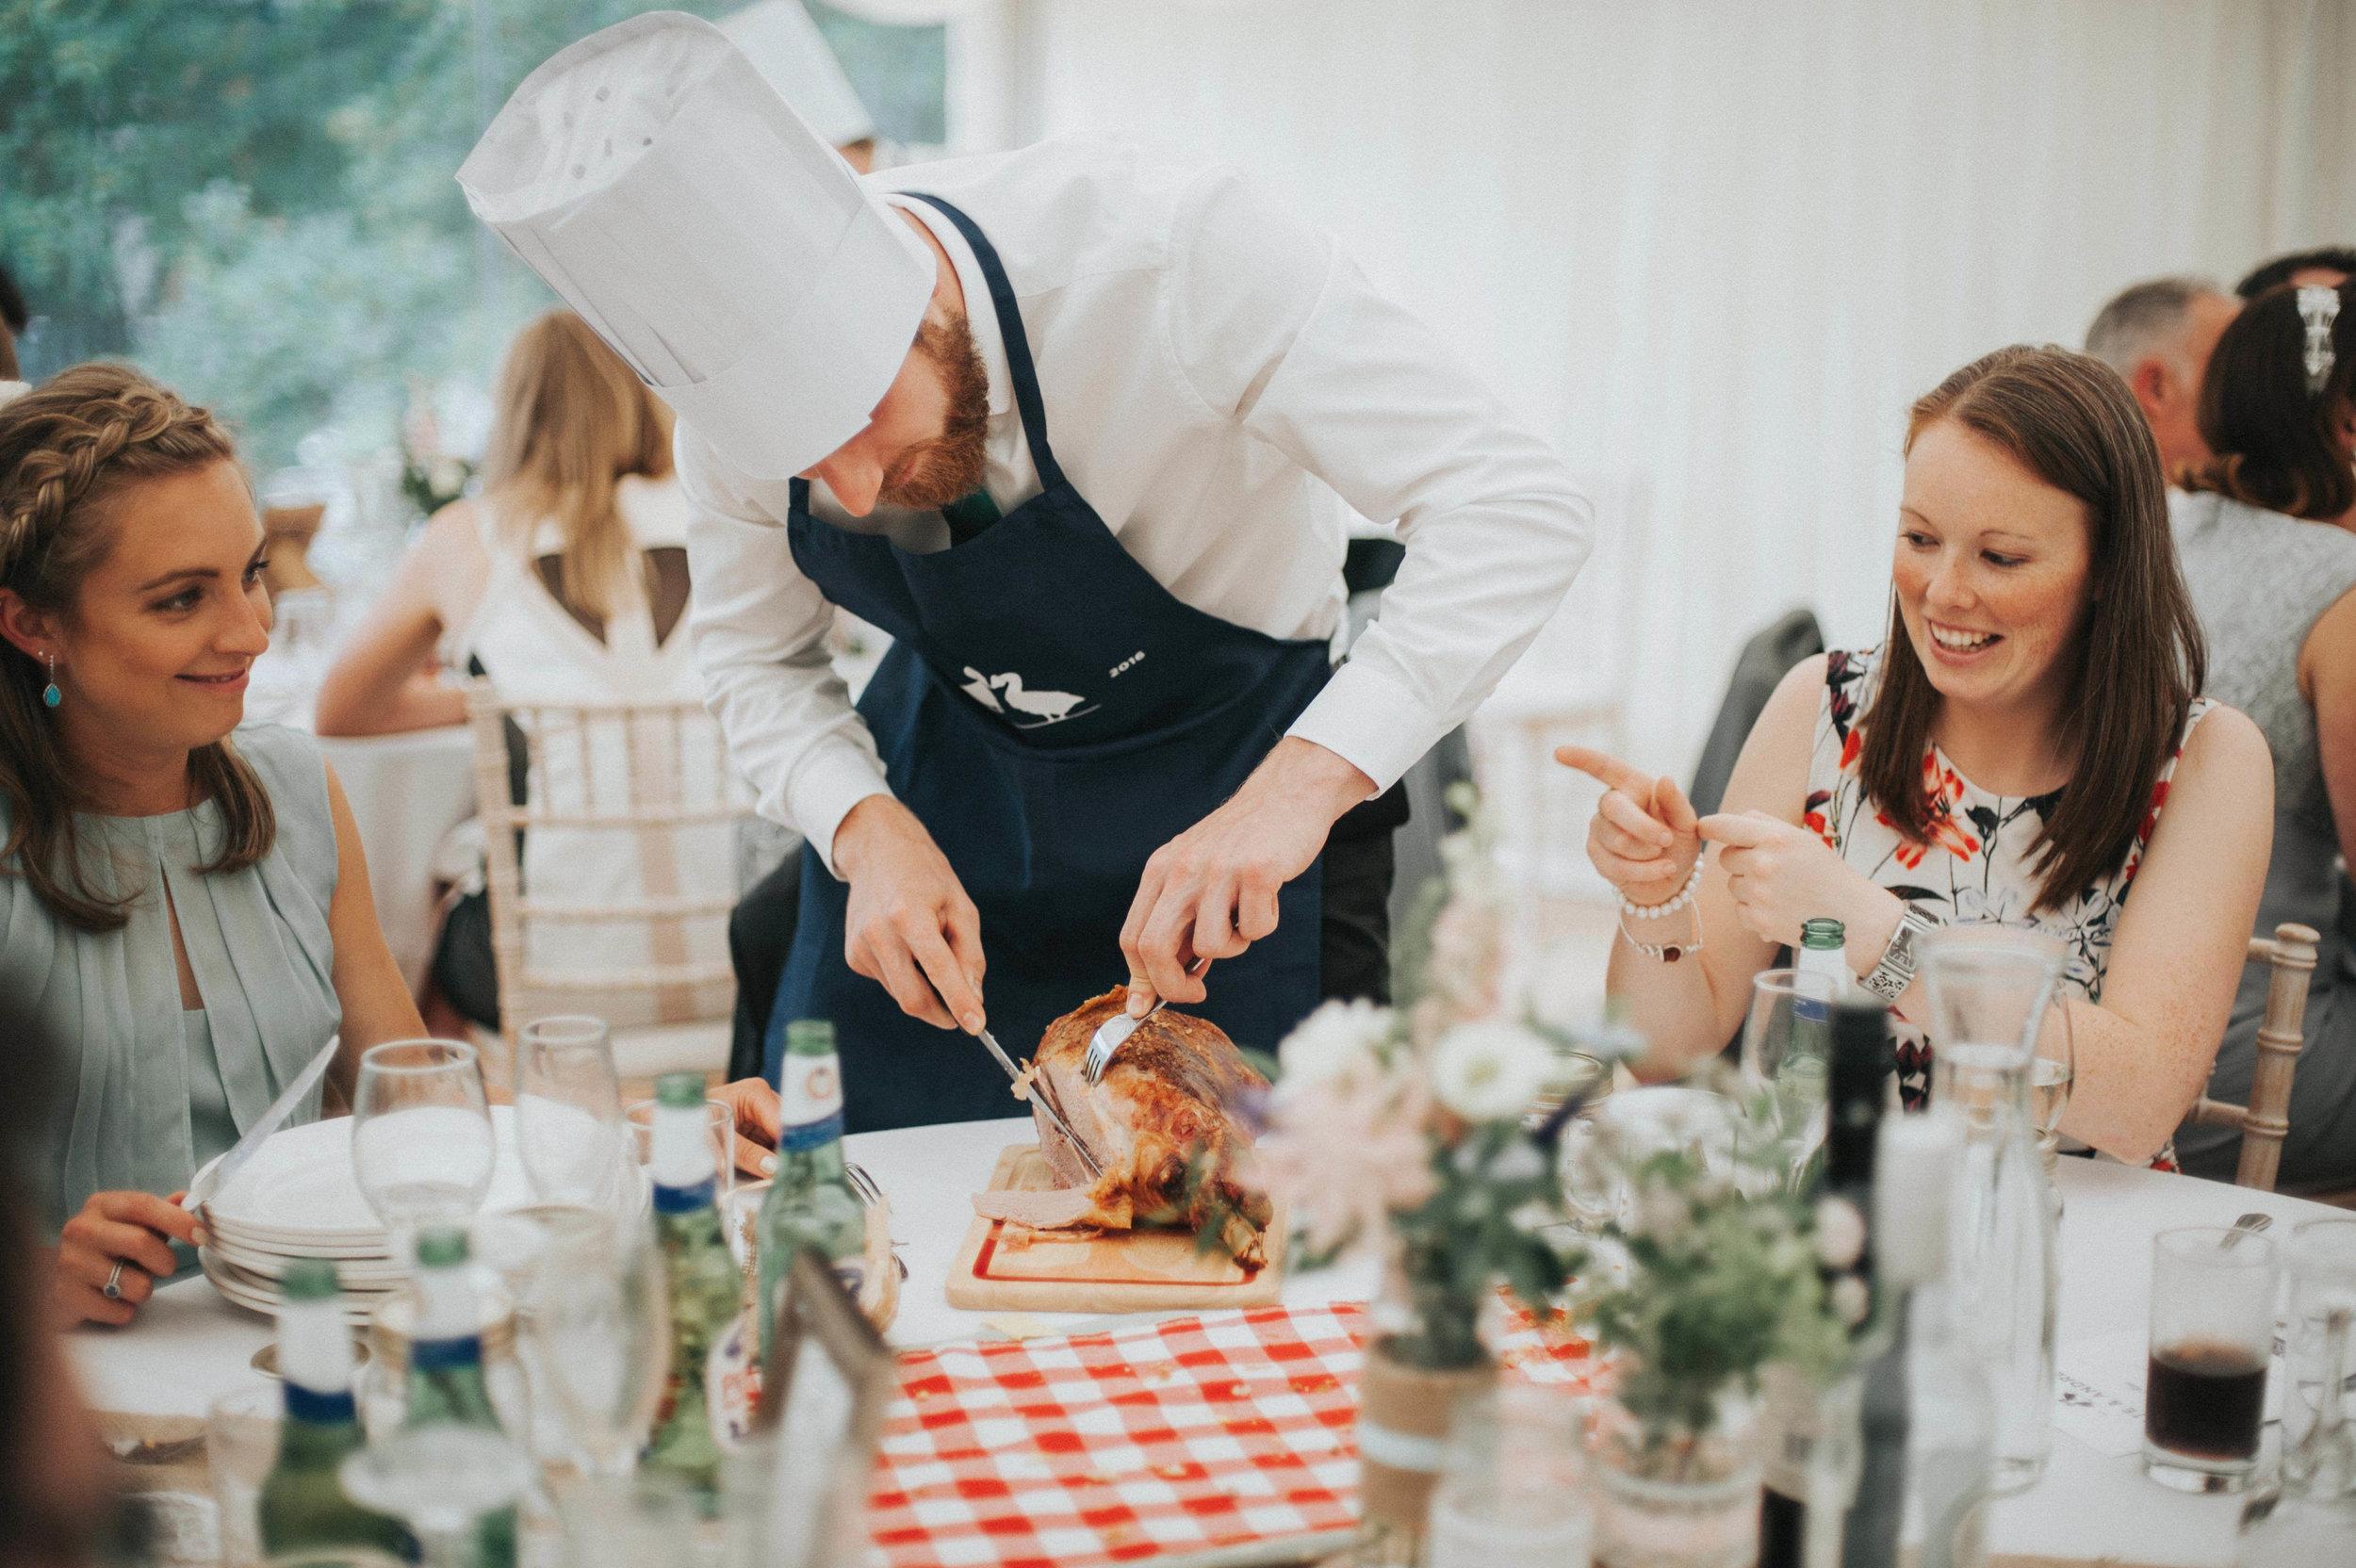 festival-farm-wedding-133.jpg